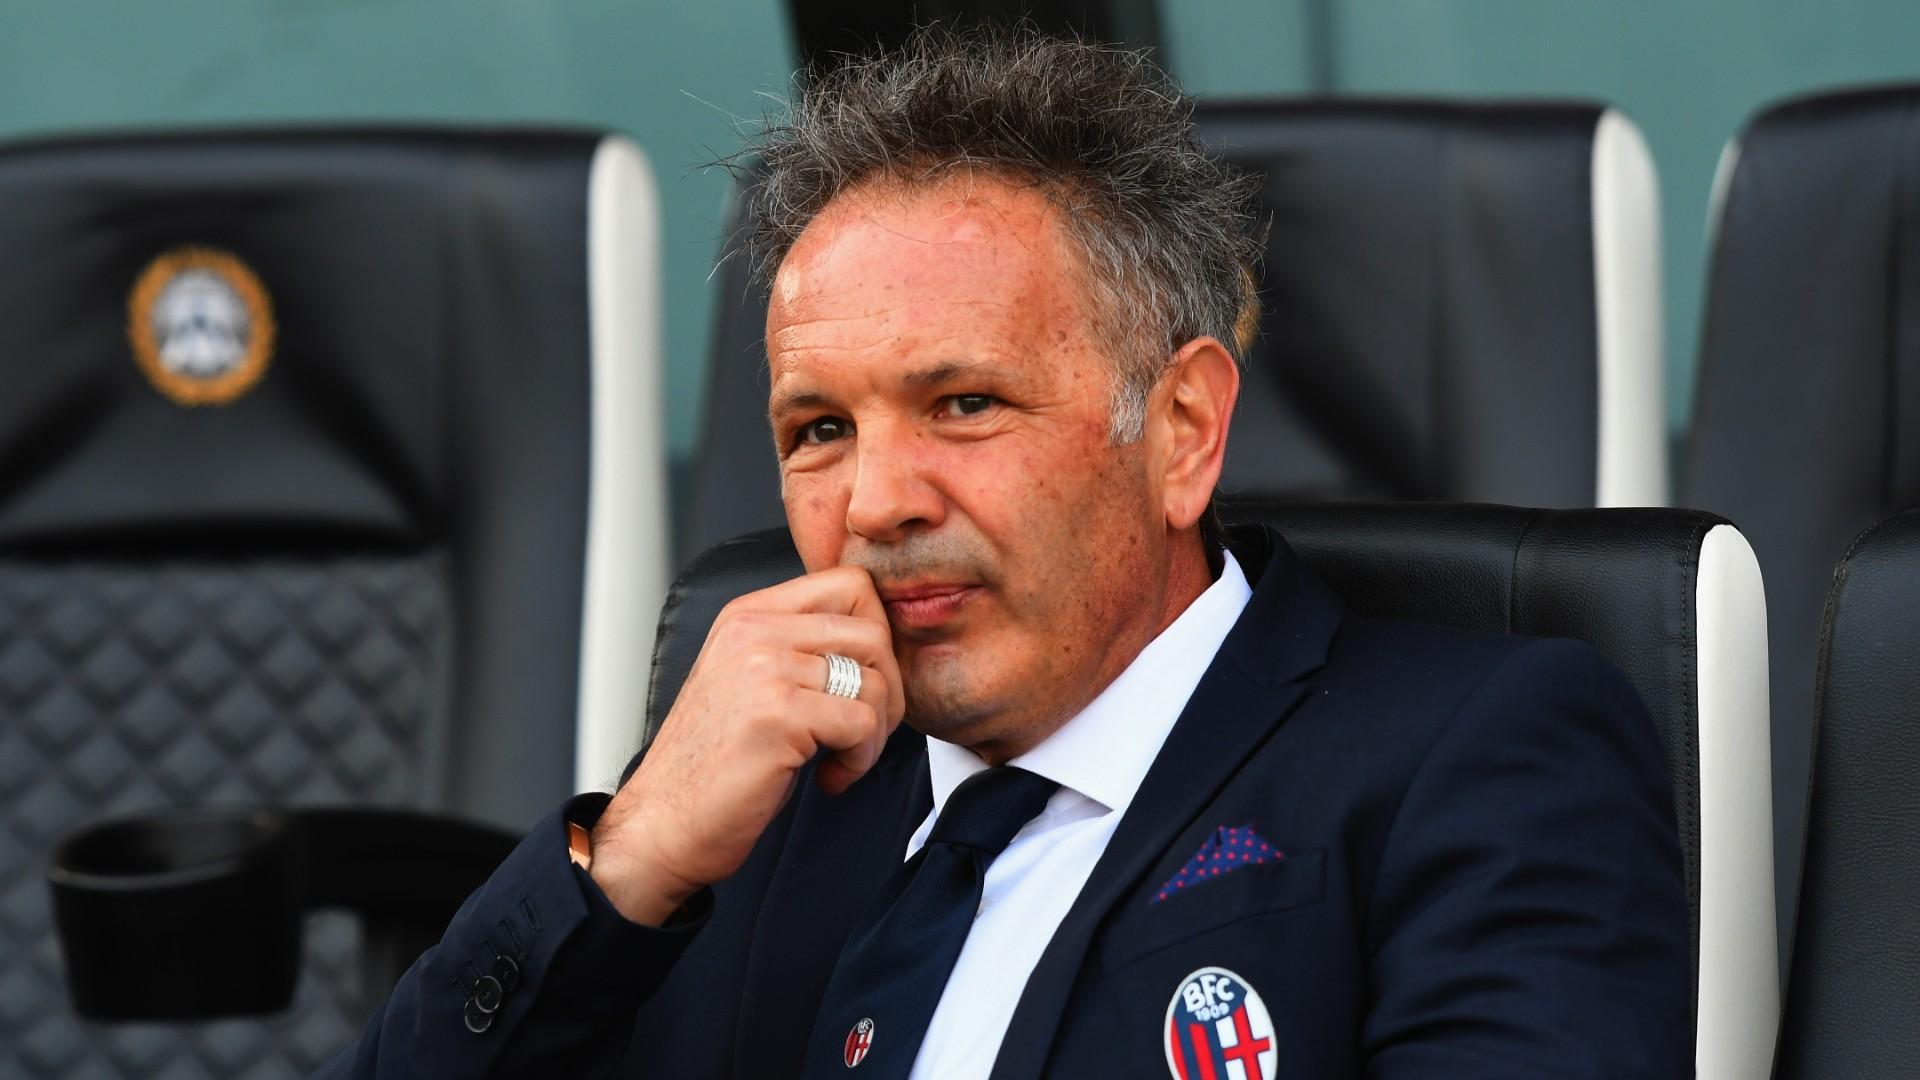 Allenatore Roma, Fonseca balza in pole: Mihajlovic si fa da parte